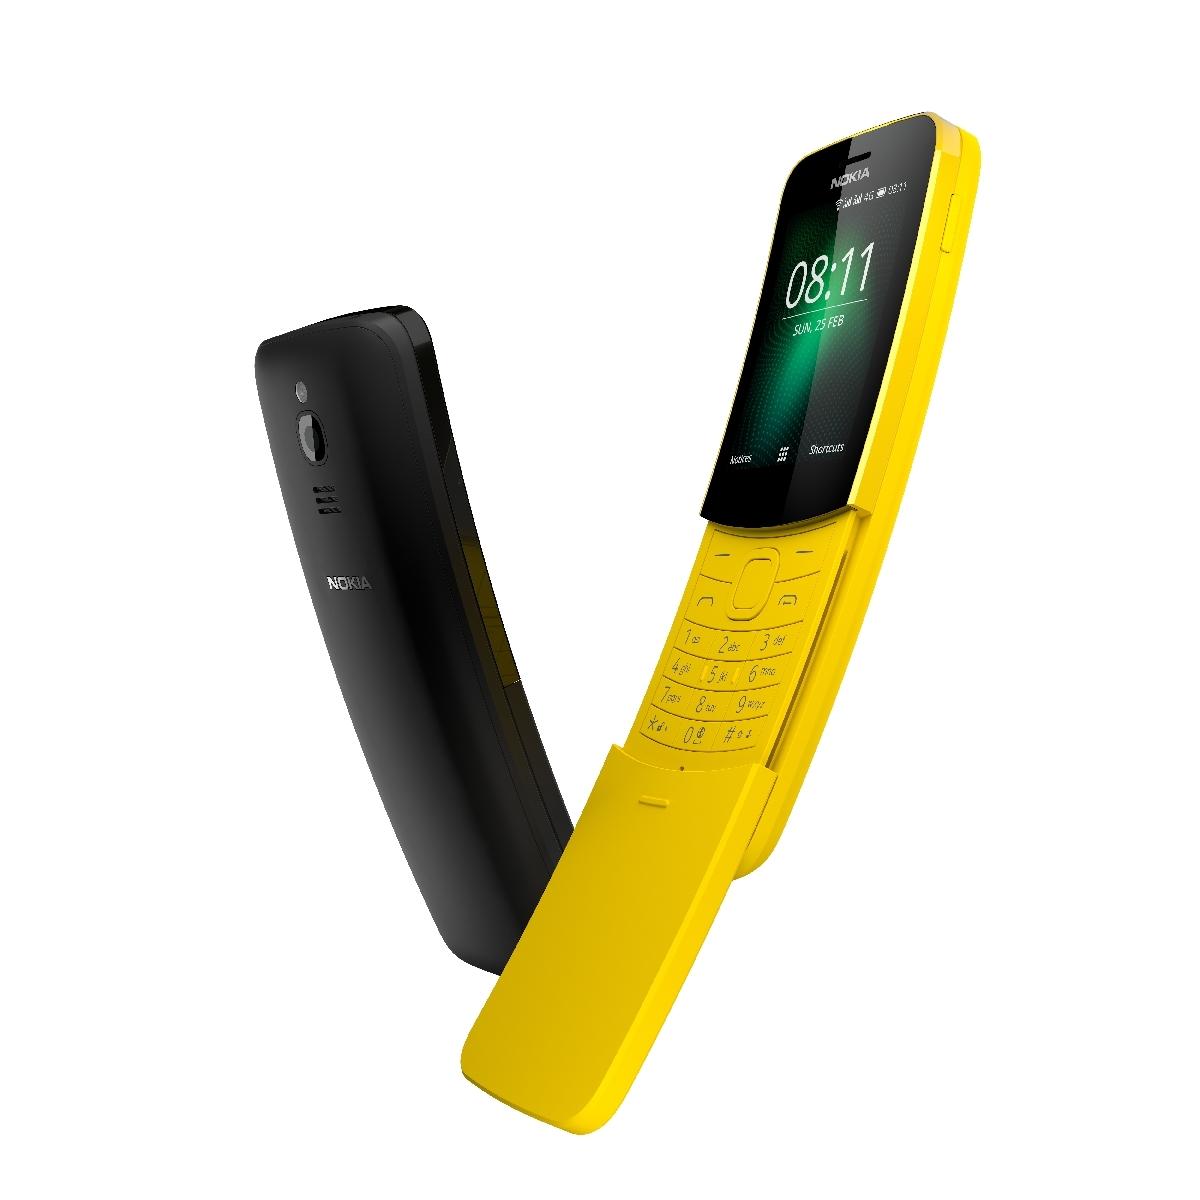 Nokia 8110 4G'ye WhatsApp Geliyor!